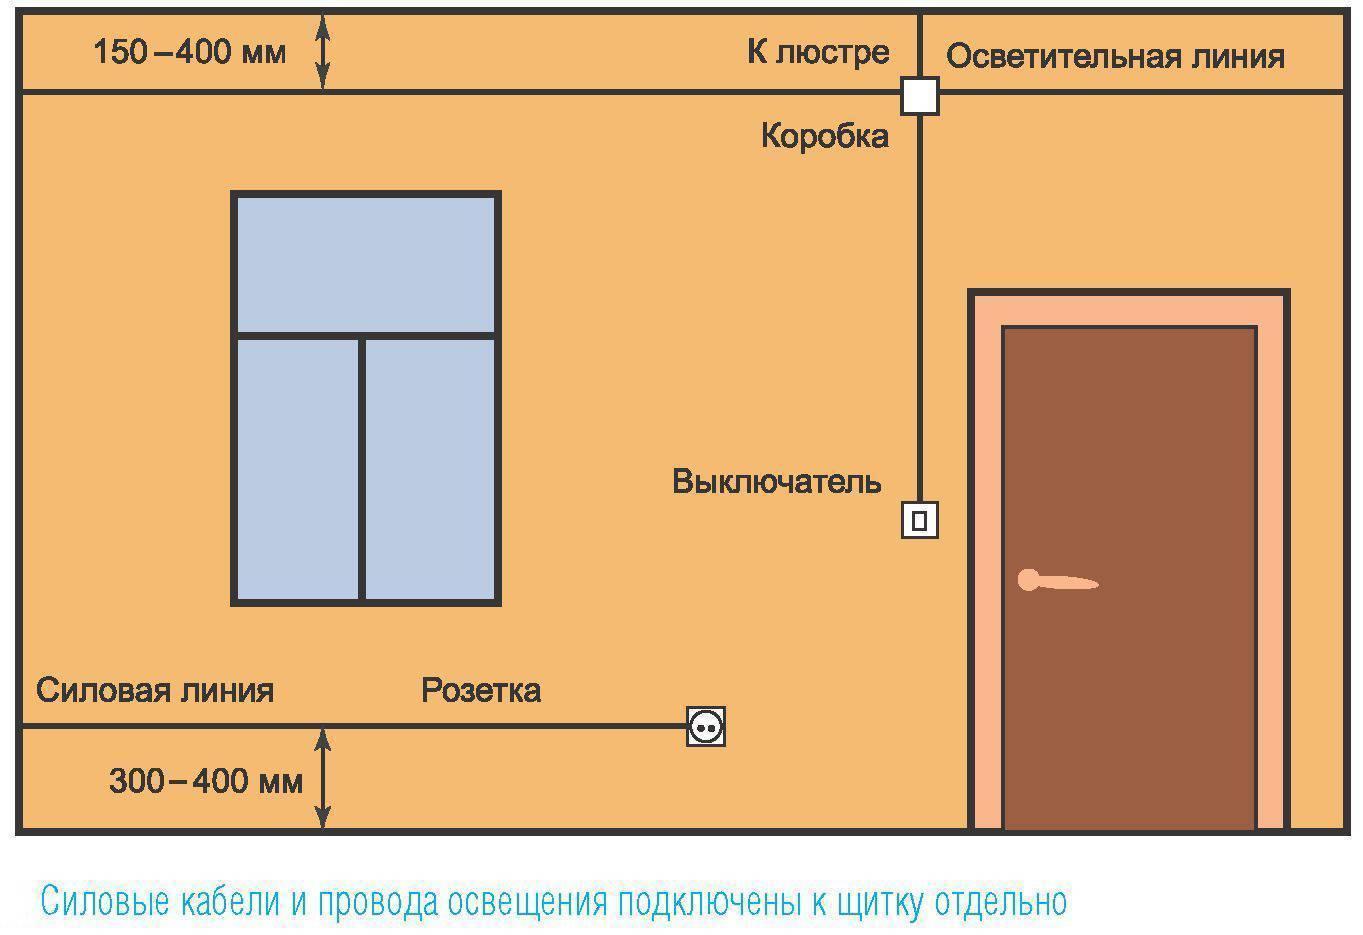 Электропроводка в квартире своими руками: пошаговая инструкция, схема, фото